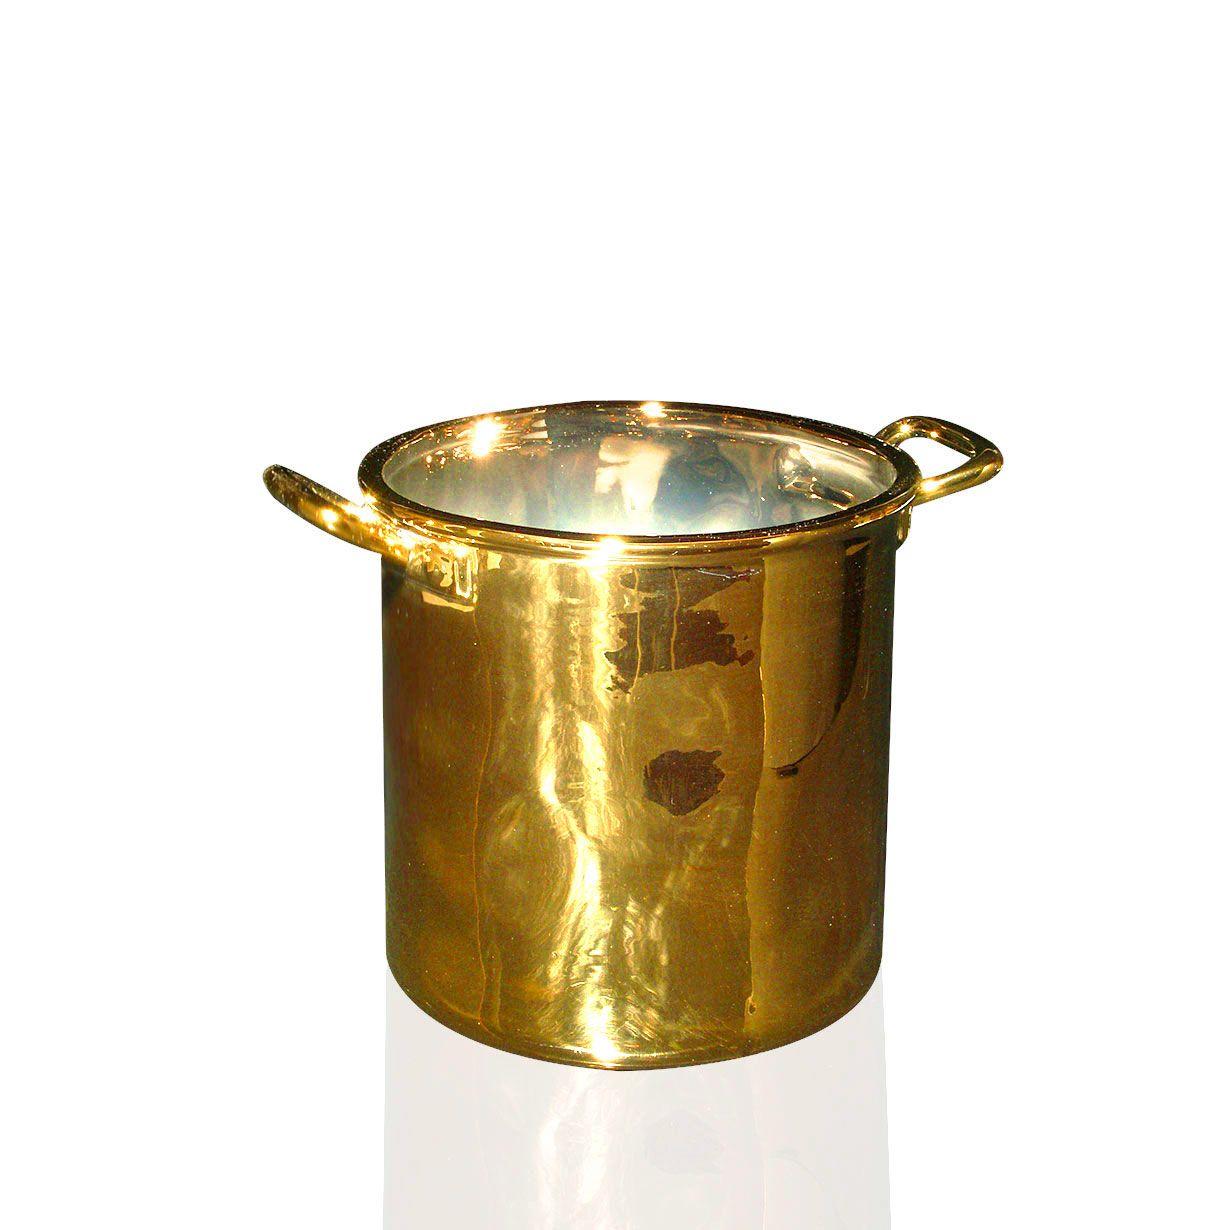 e' il momento di concedersi un tocco di lusso esclusivo! Con la collezione Gold Limited Edition, Seletti propone una linea di completa di oggetti di uso quotidiano realizzati in ceramica con esclusiva finitura dorata. Per sentirsi un re o una regina ogni giorno!